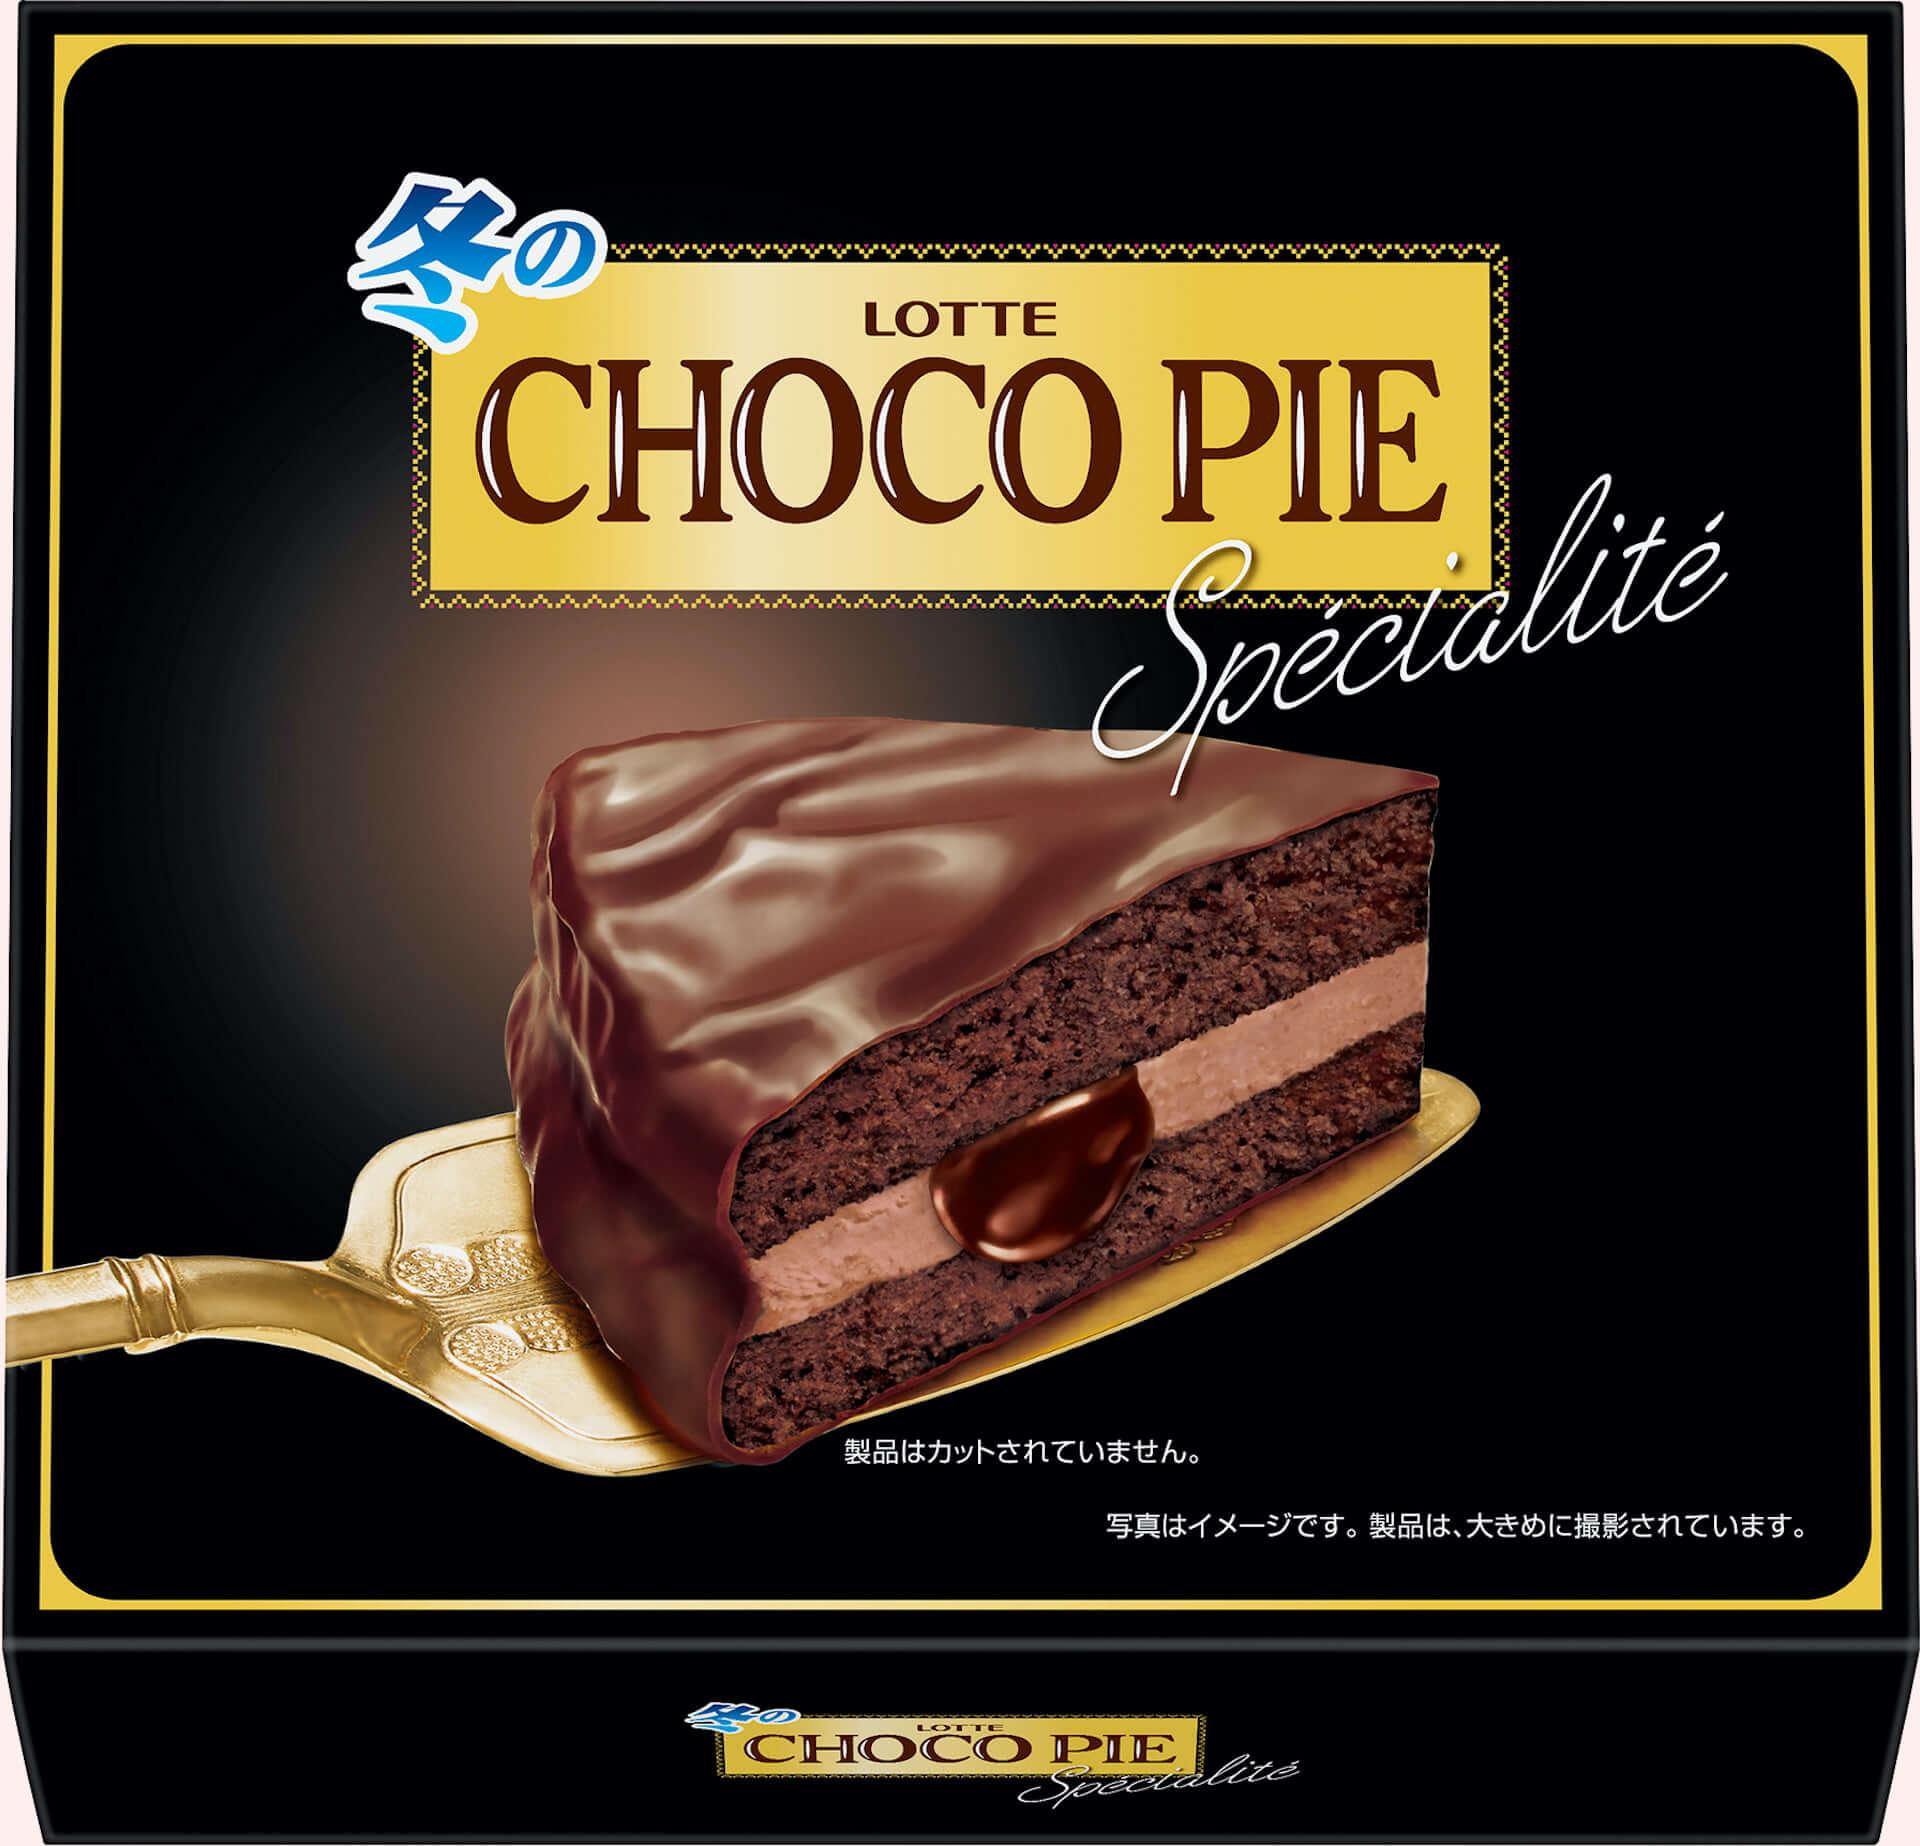 ロッテから「冬のチョコパイ」史上最重量のホールケーキが登場!1,000個限定の新商品『スペシャリテ』が発売決定 gourmet201117_chocopie_1-1920x1846